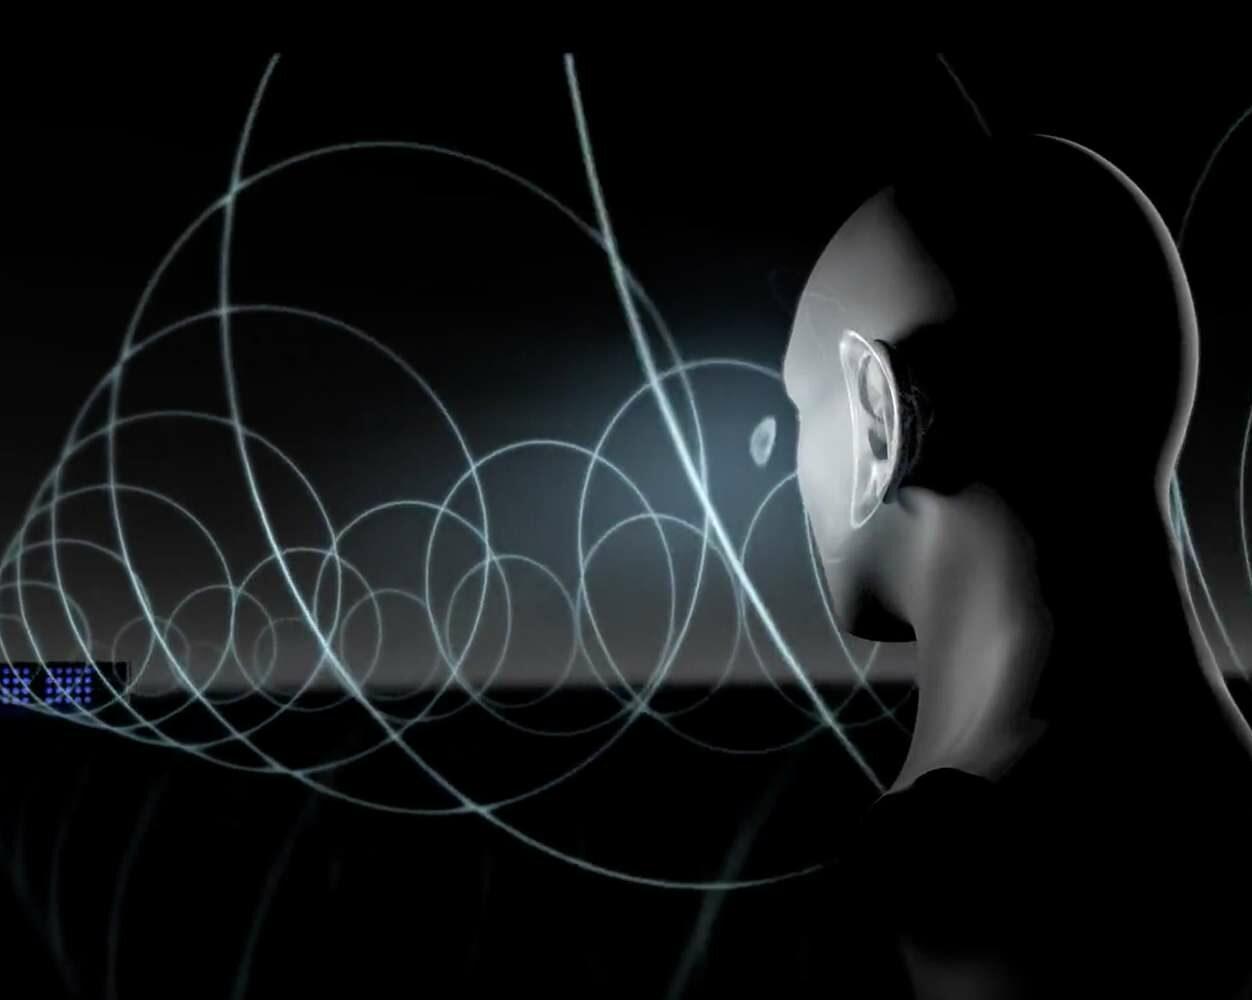 dispositivo coloca música na sua cabeça